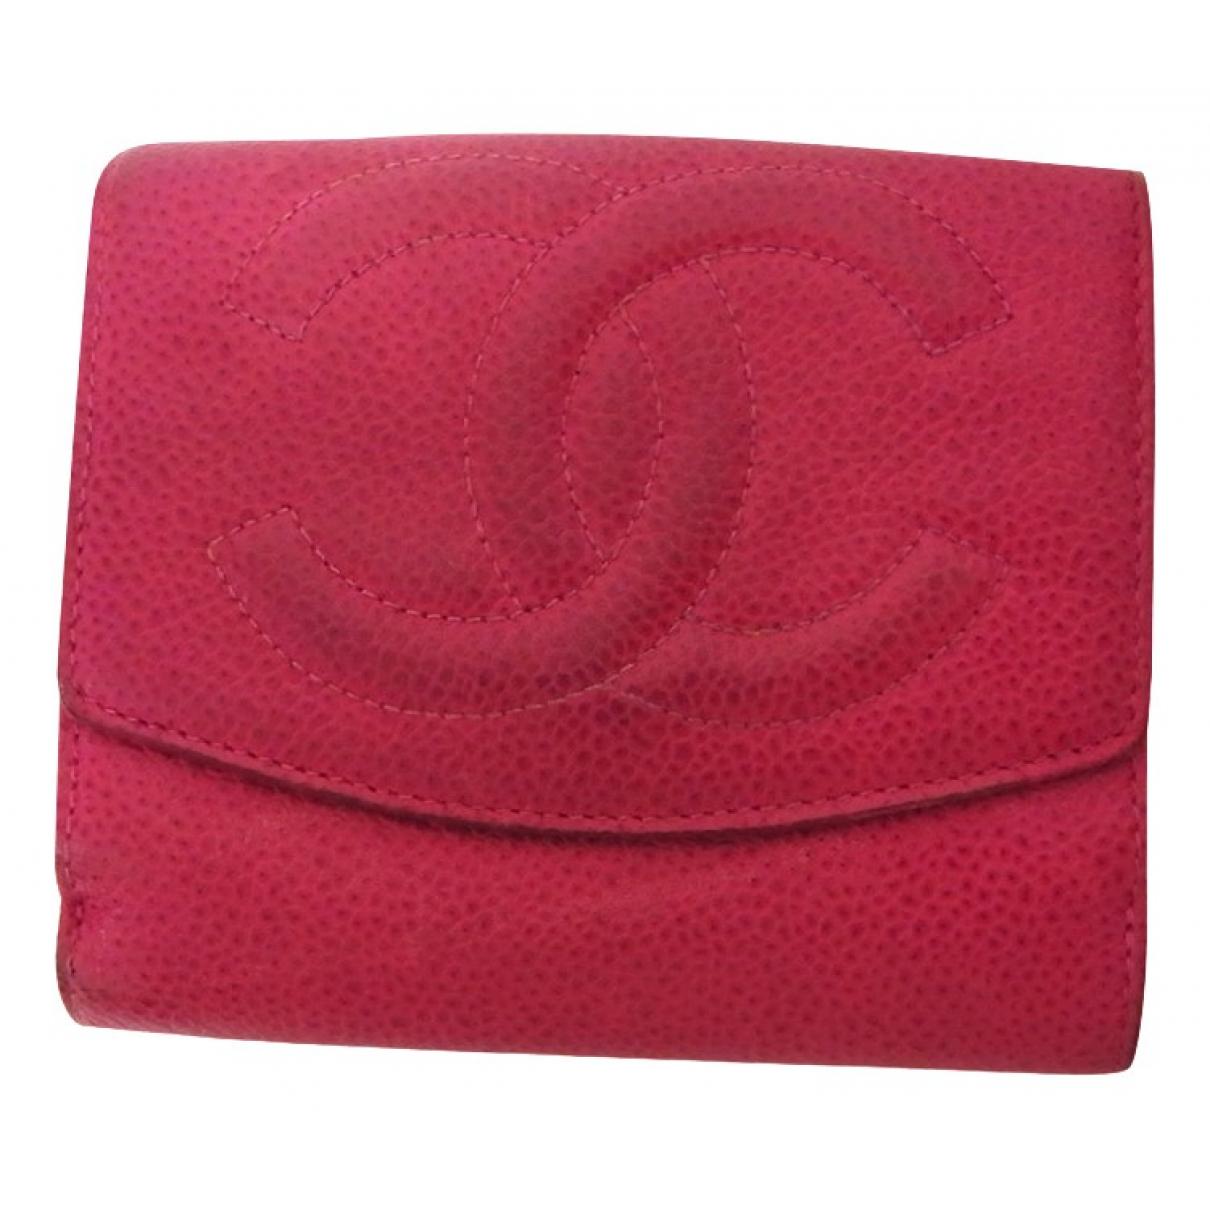 Chanel - Portefeuille   pour femme en cuir - rouge